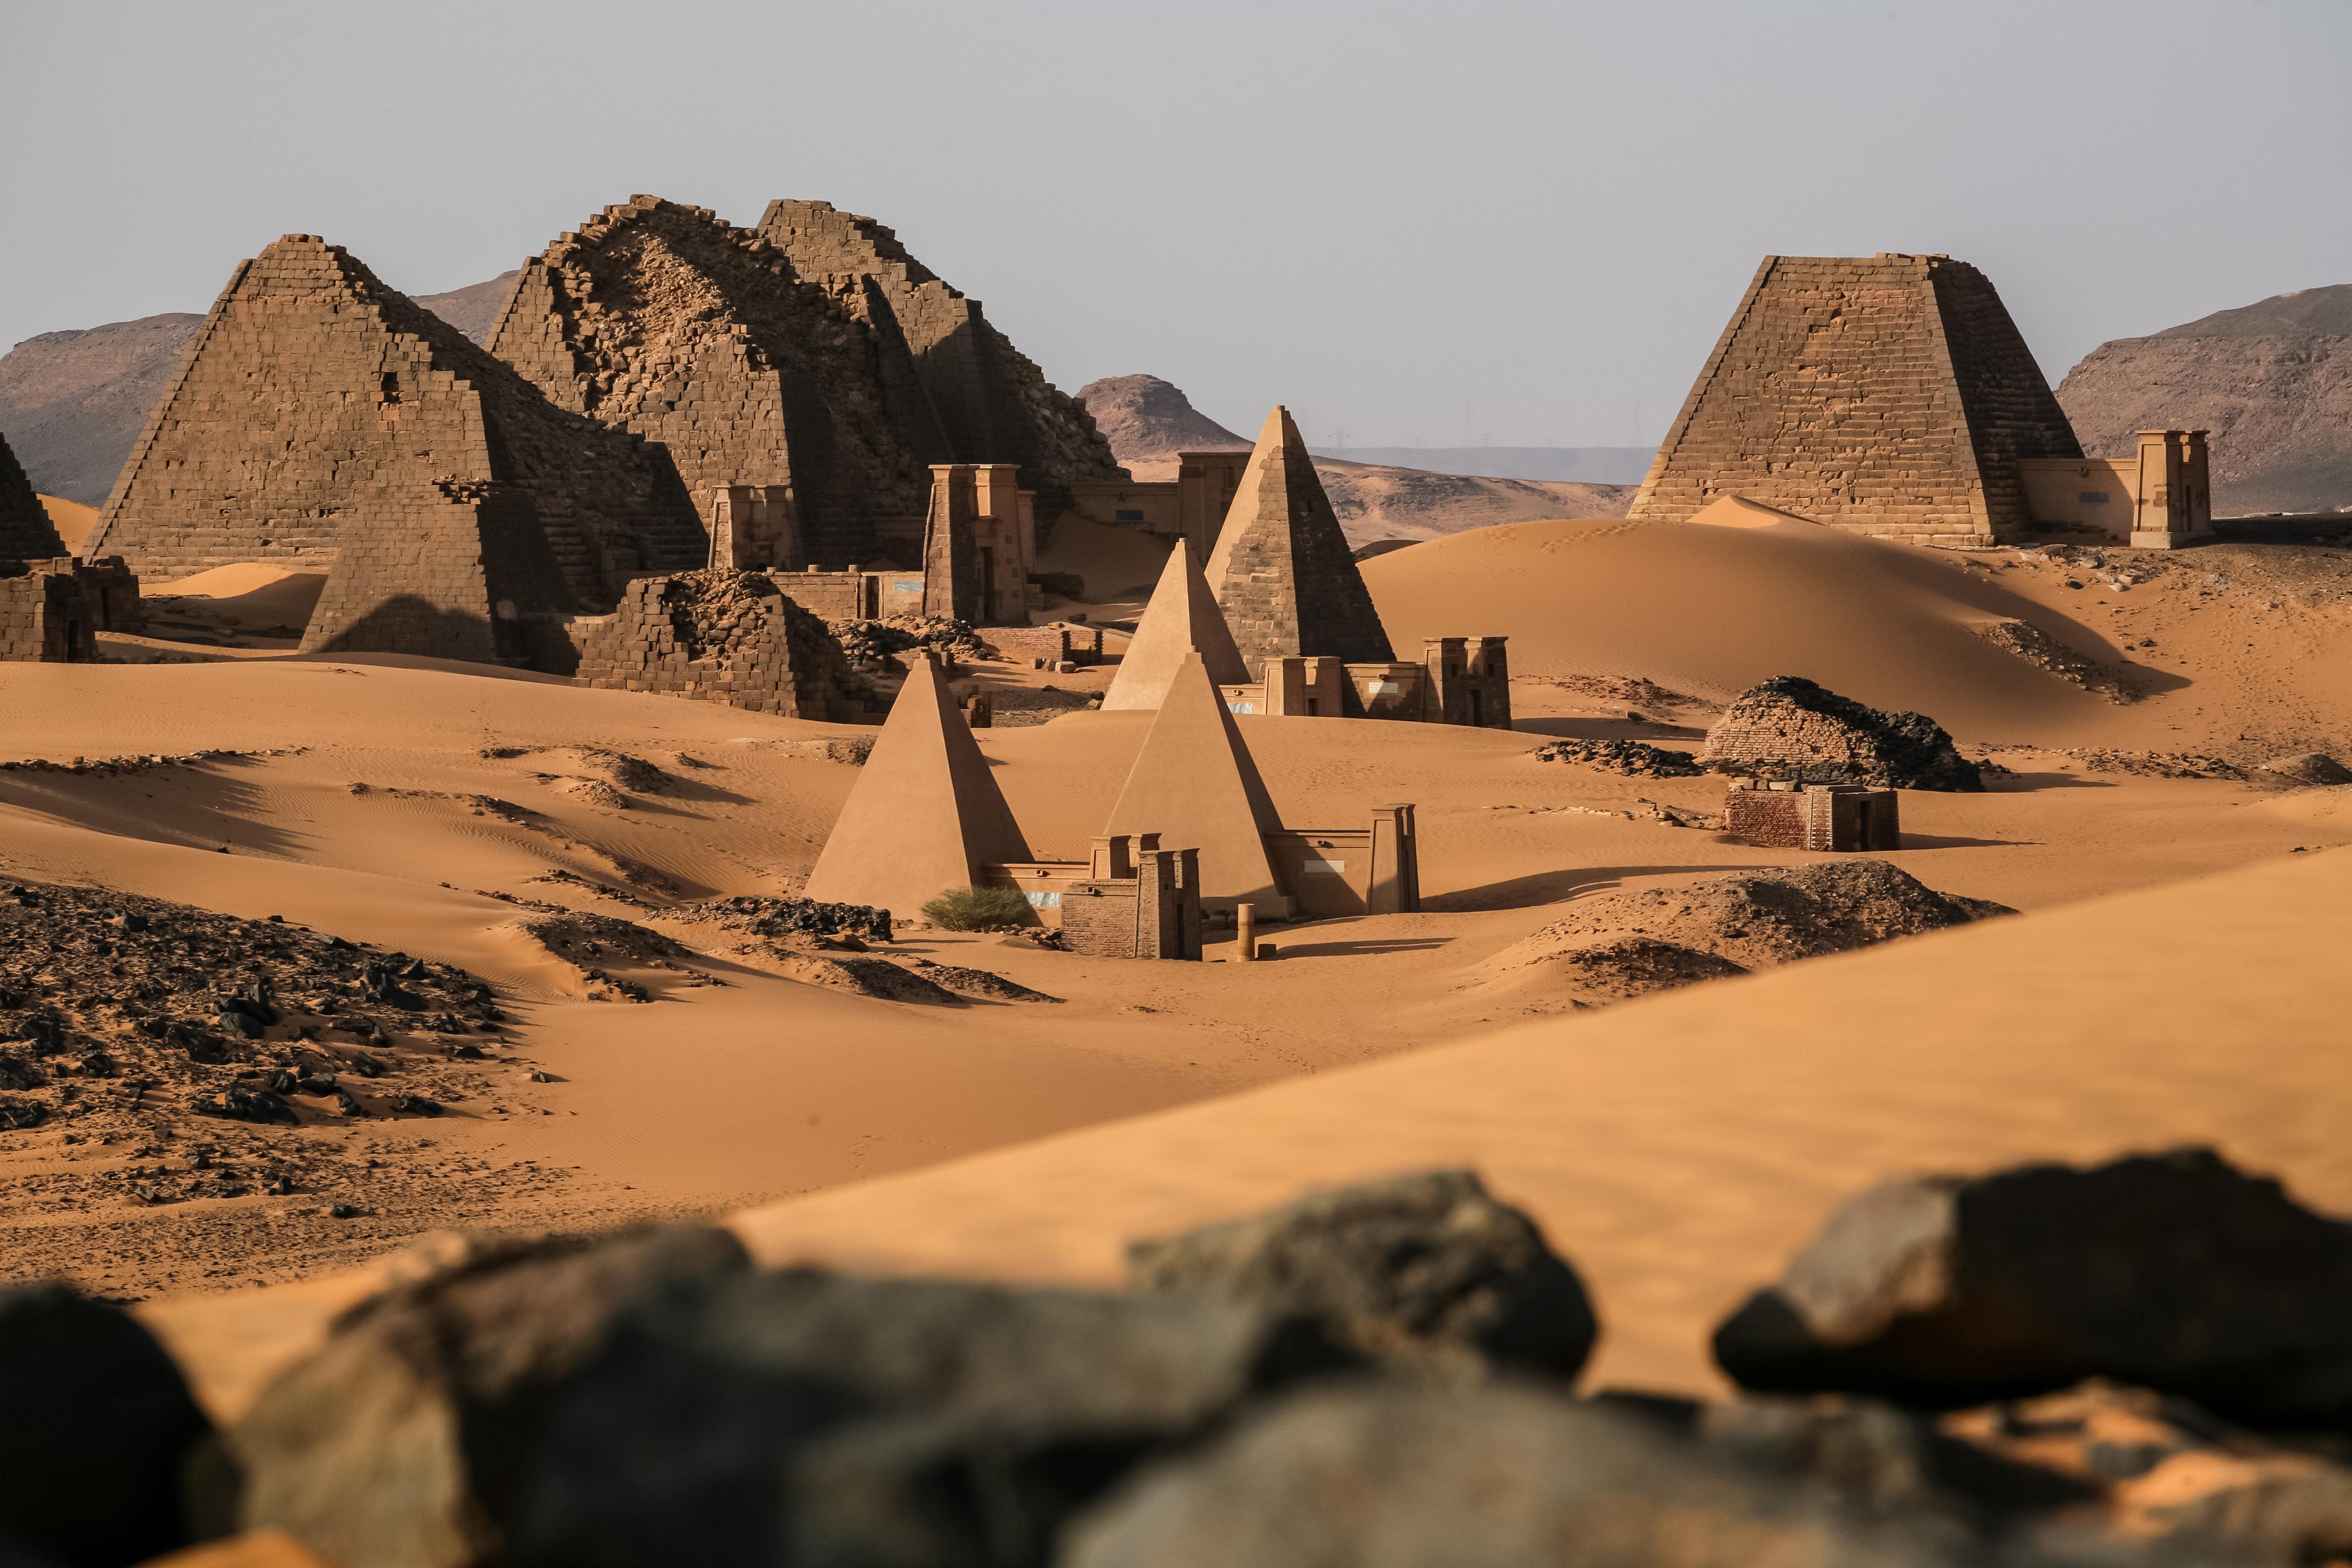 13_nubiai_piramisok.jpg